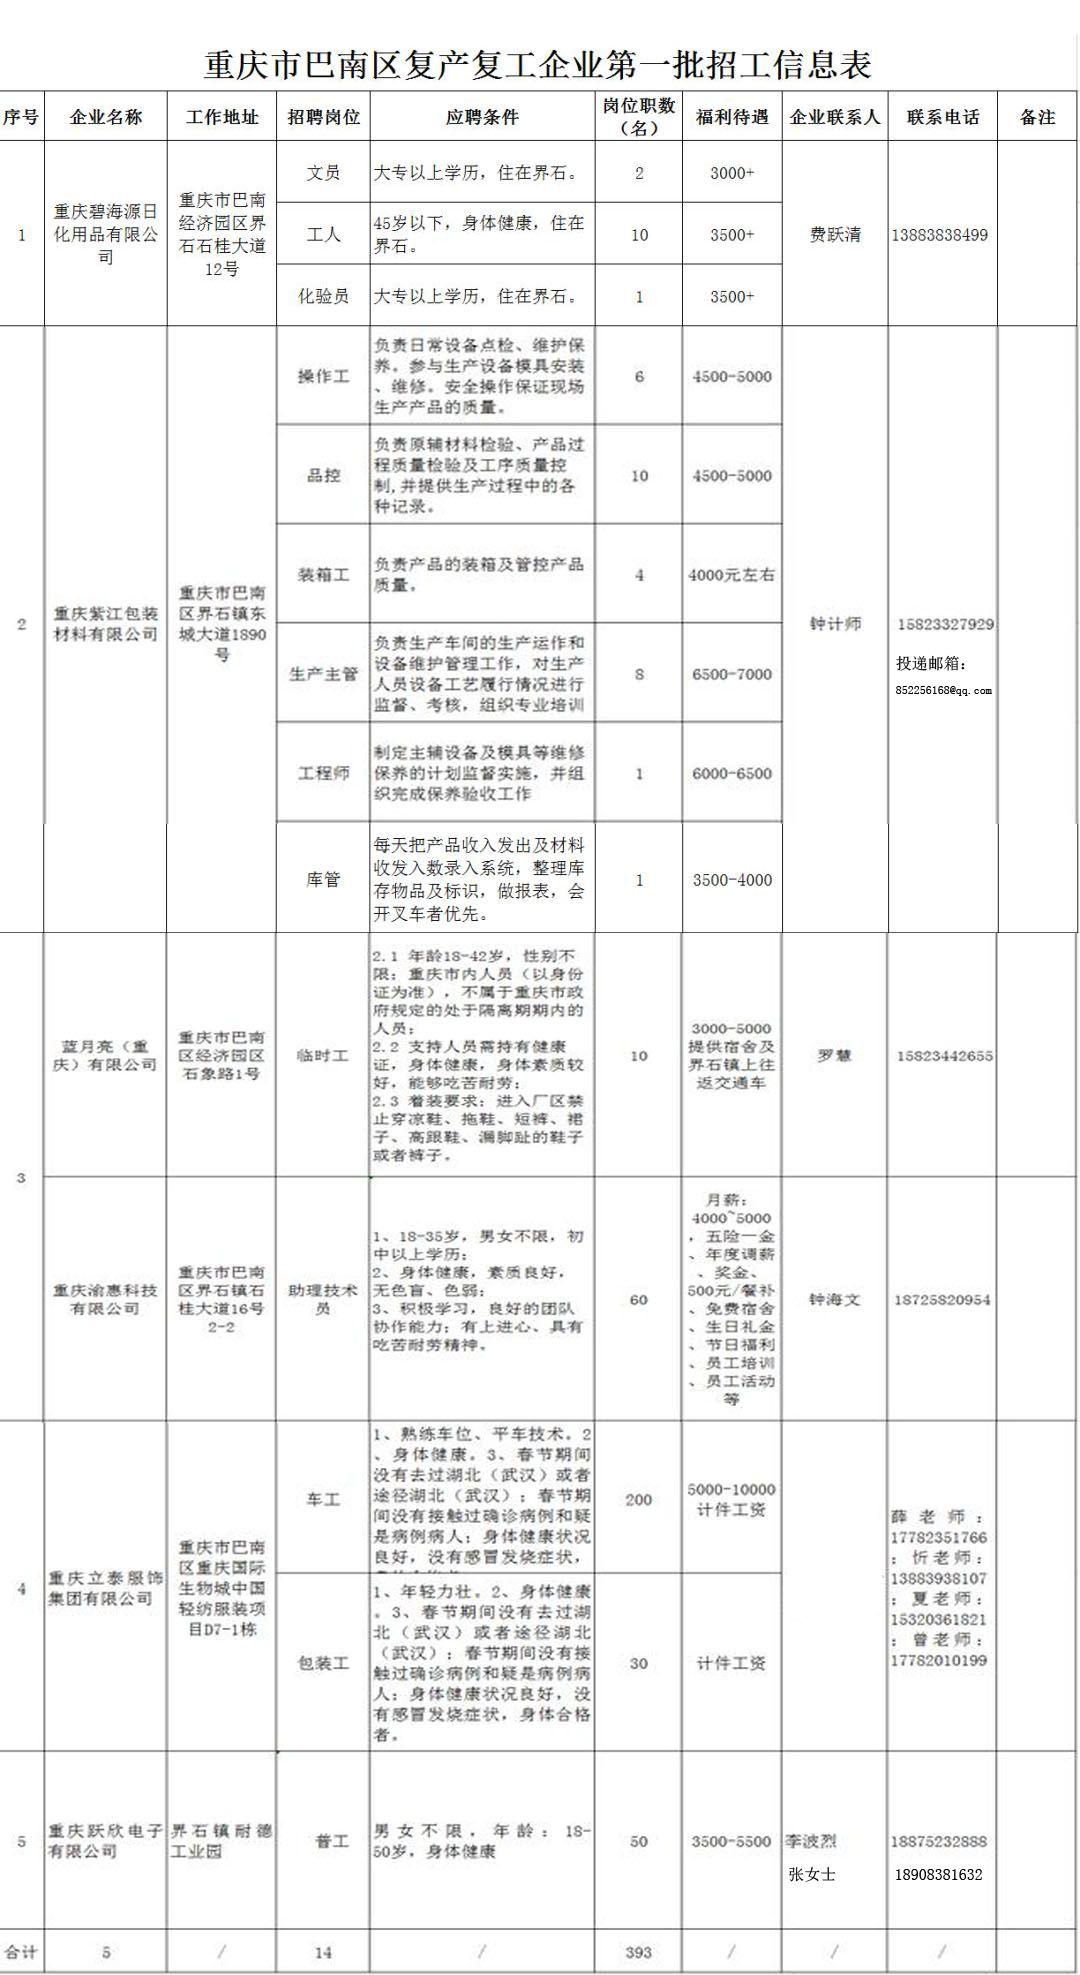 巴南招聘信息.jpg